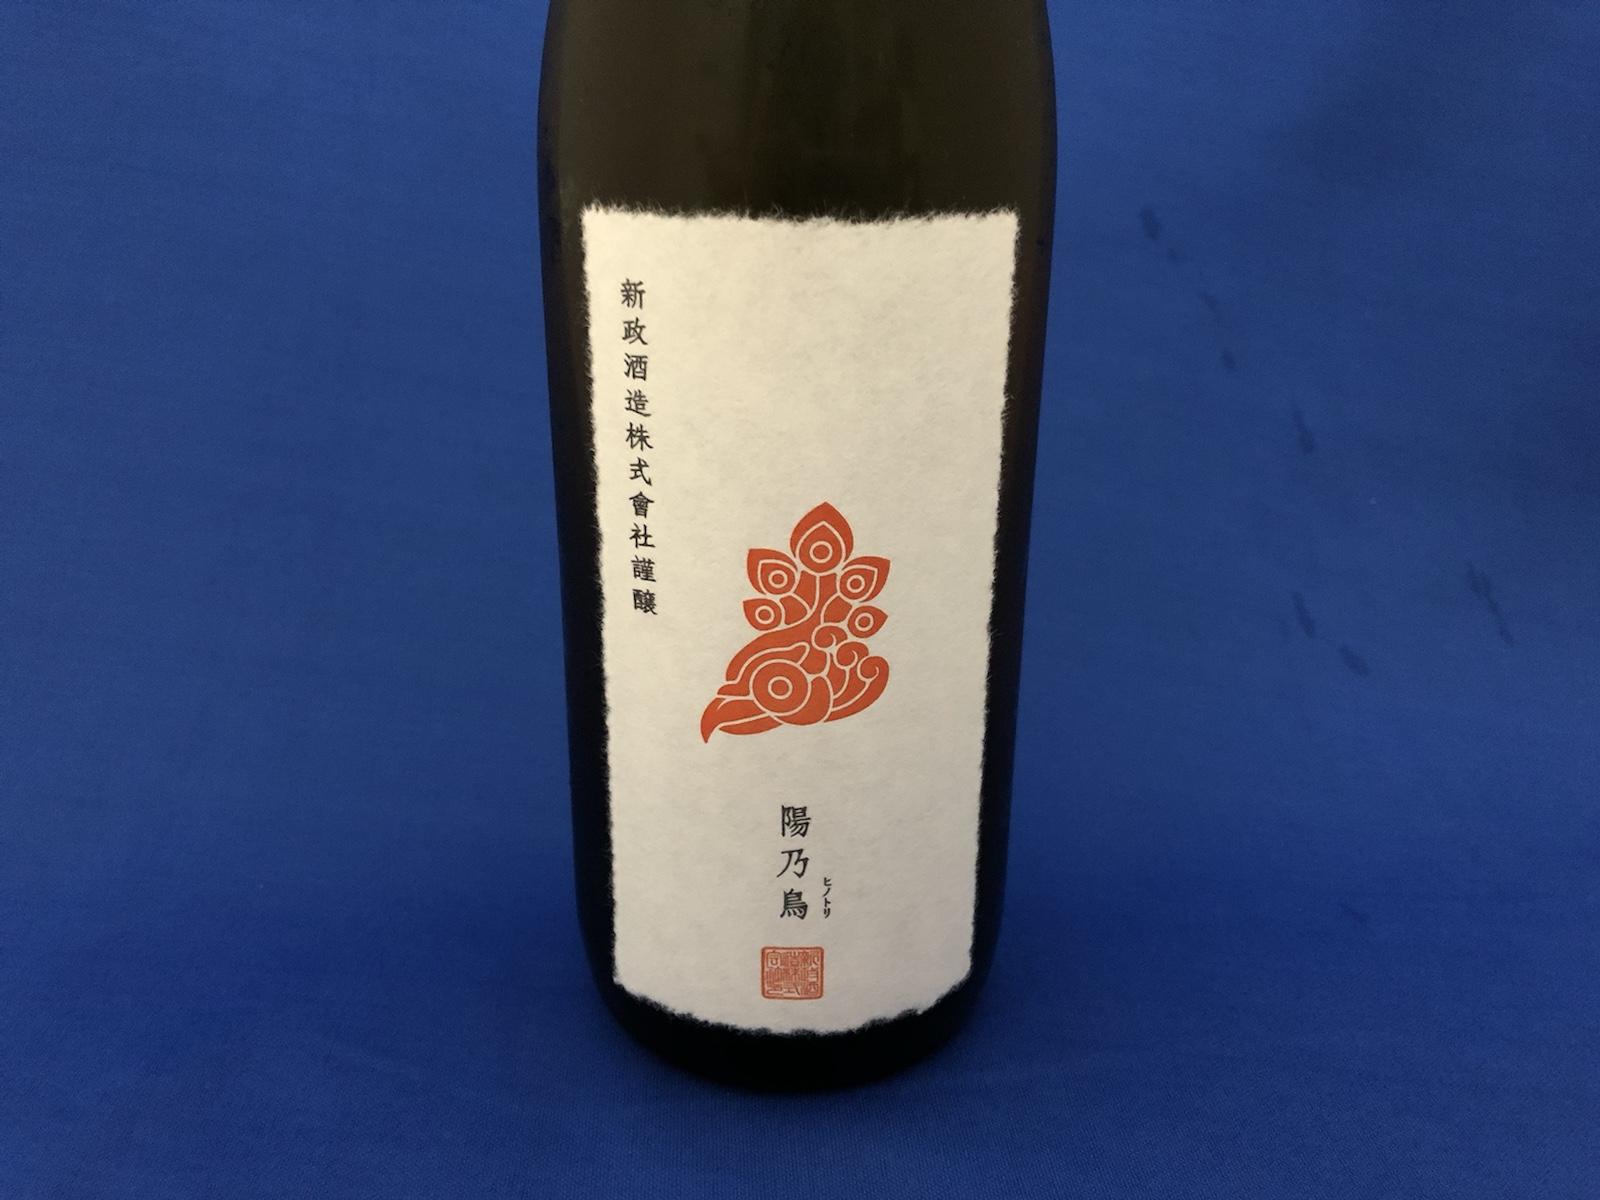 濃厚で上品な甘みを楽しむ貴醸酒「陽乃鳥」新政酒造